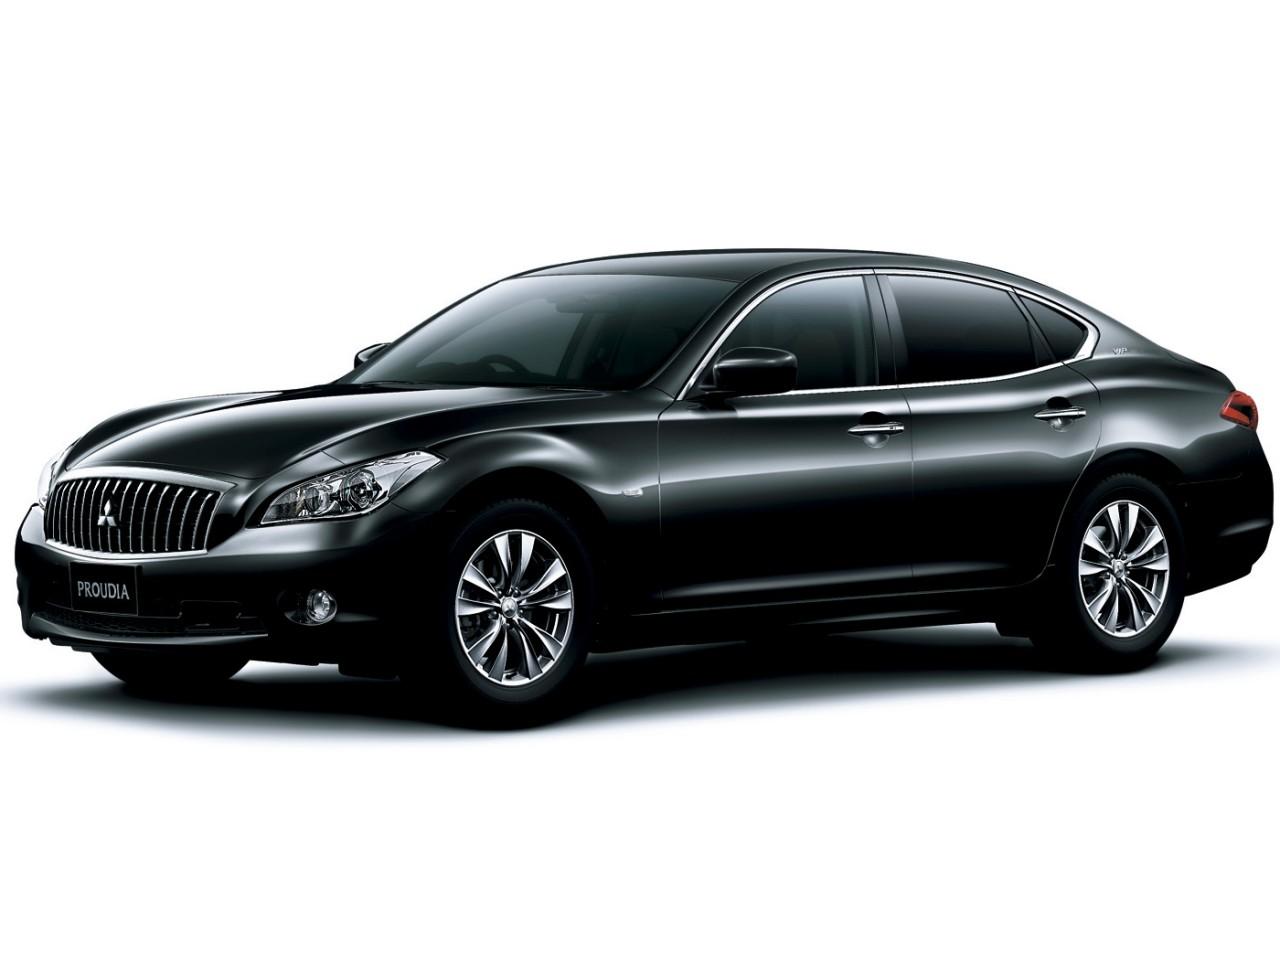 三菱 プラウディア 2012年モデル 新車画像